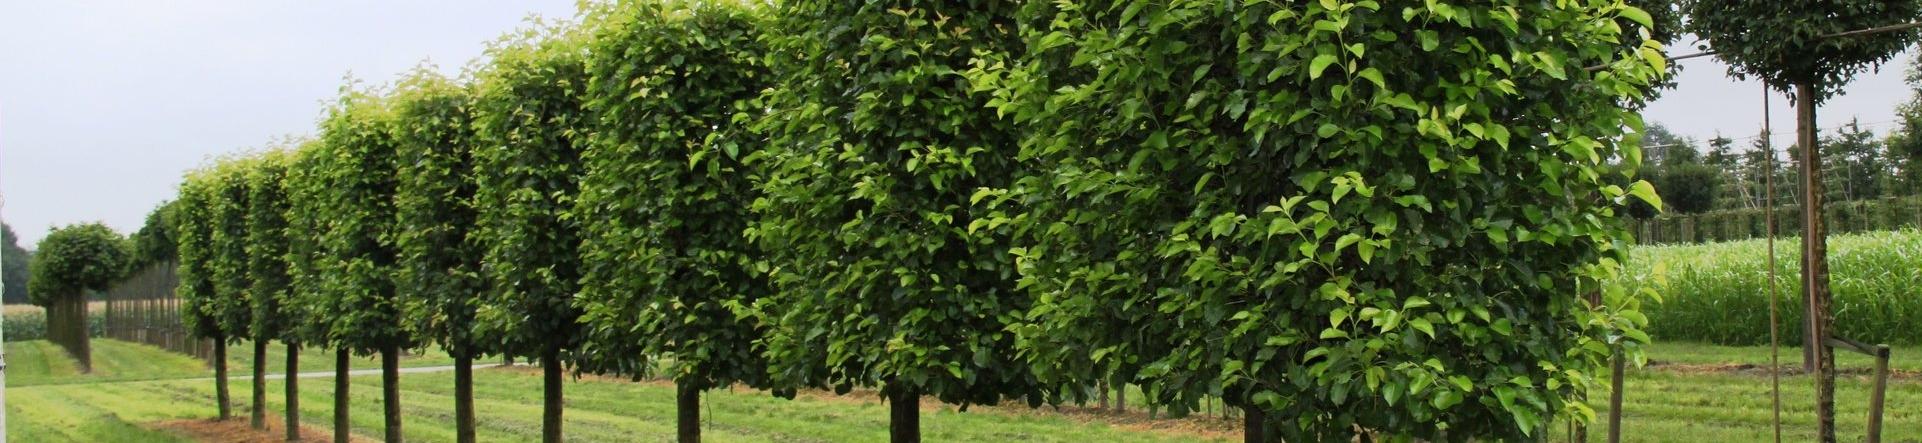 Carpinus betulus mature pleached trees